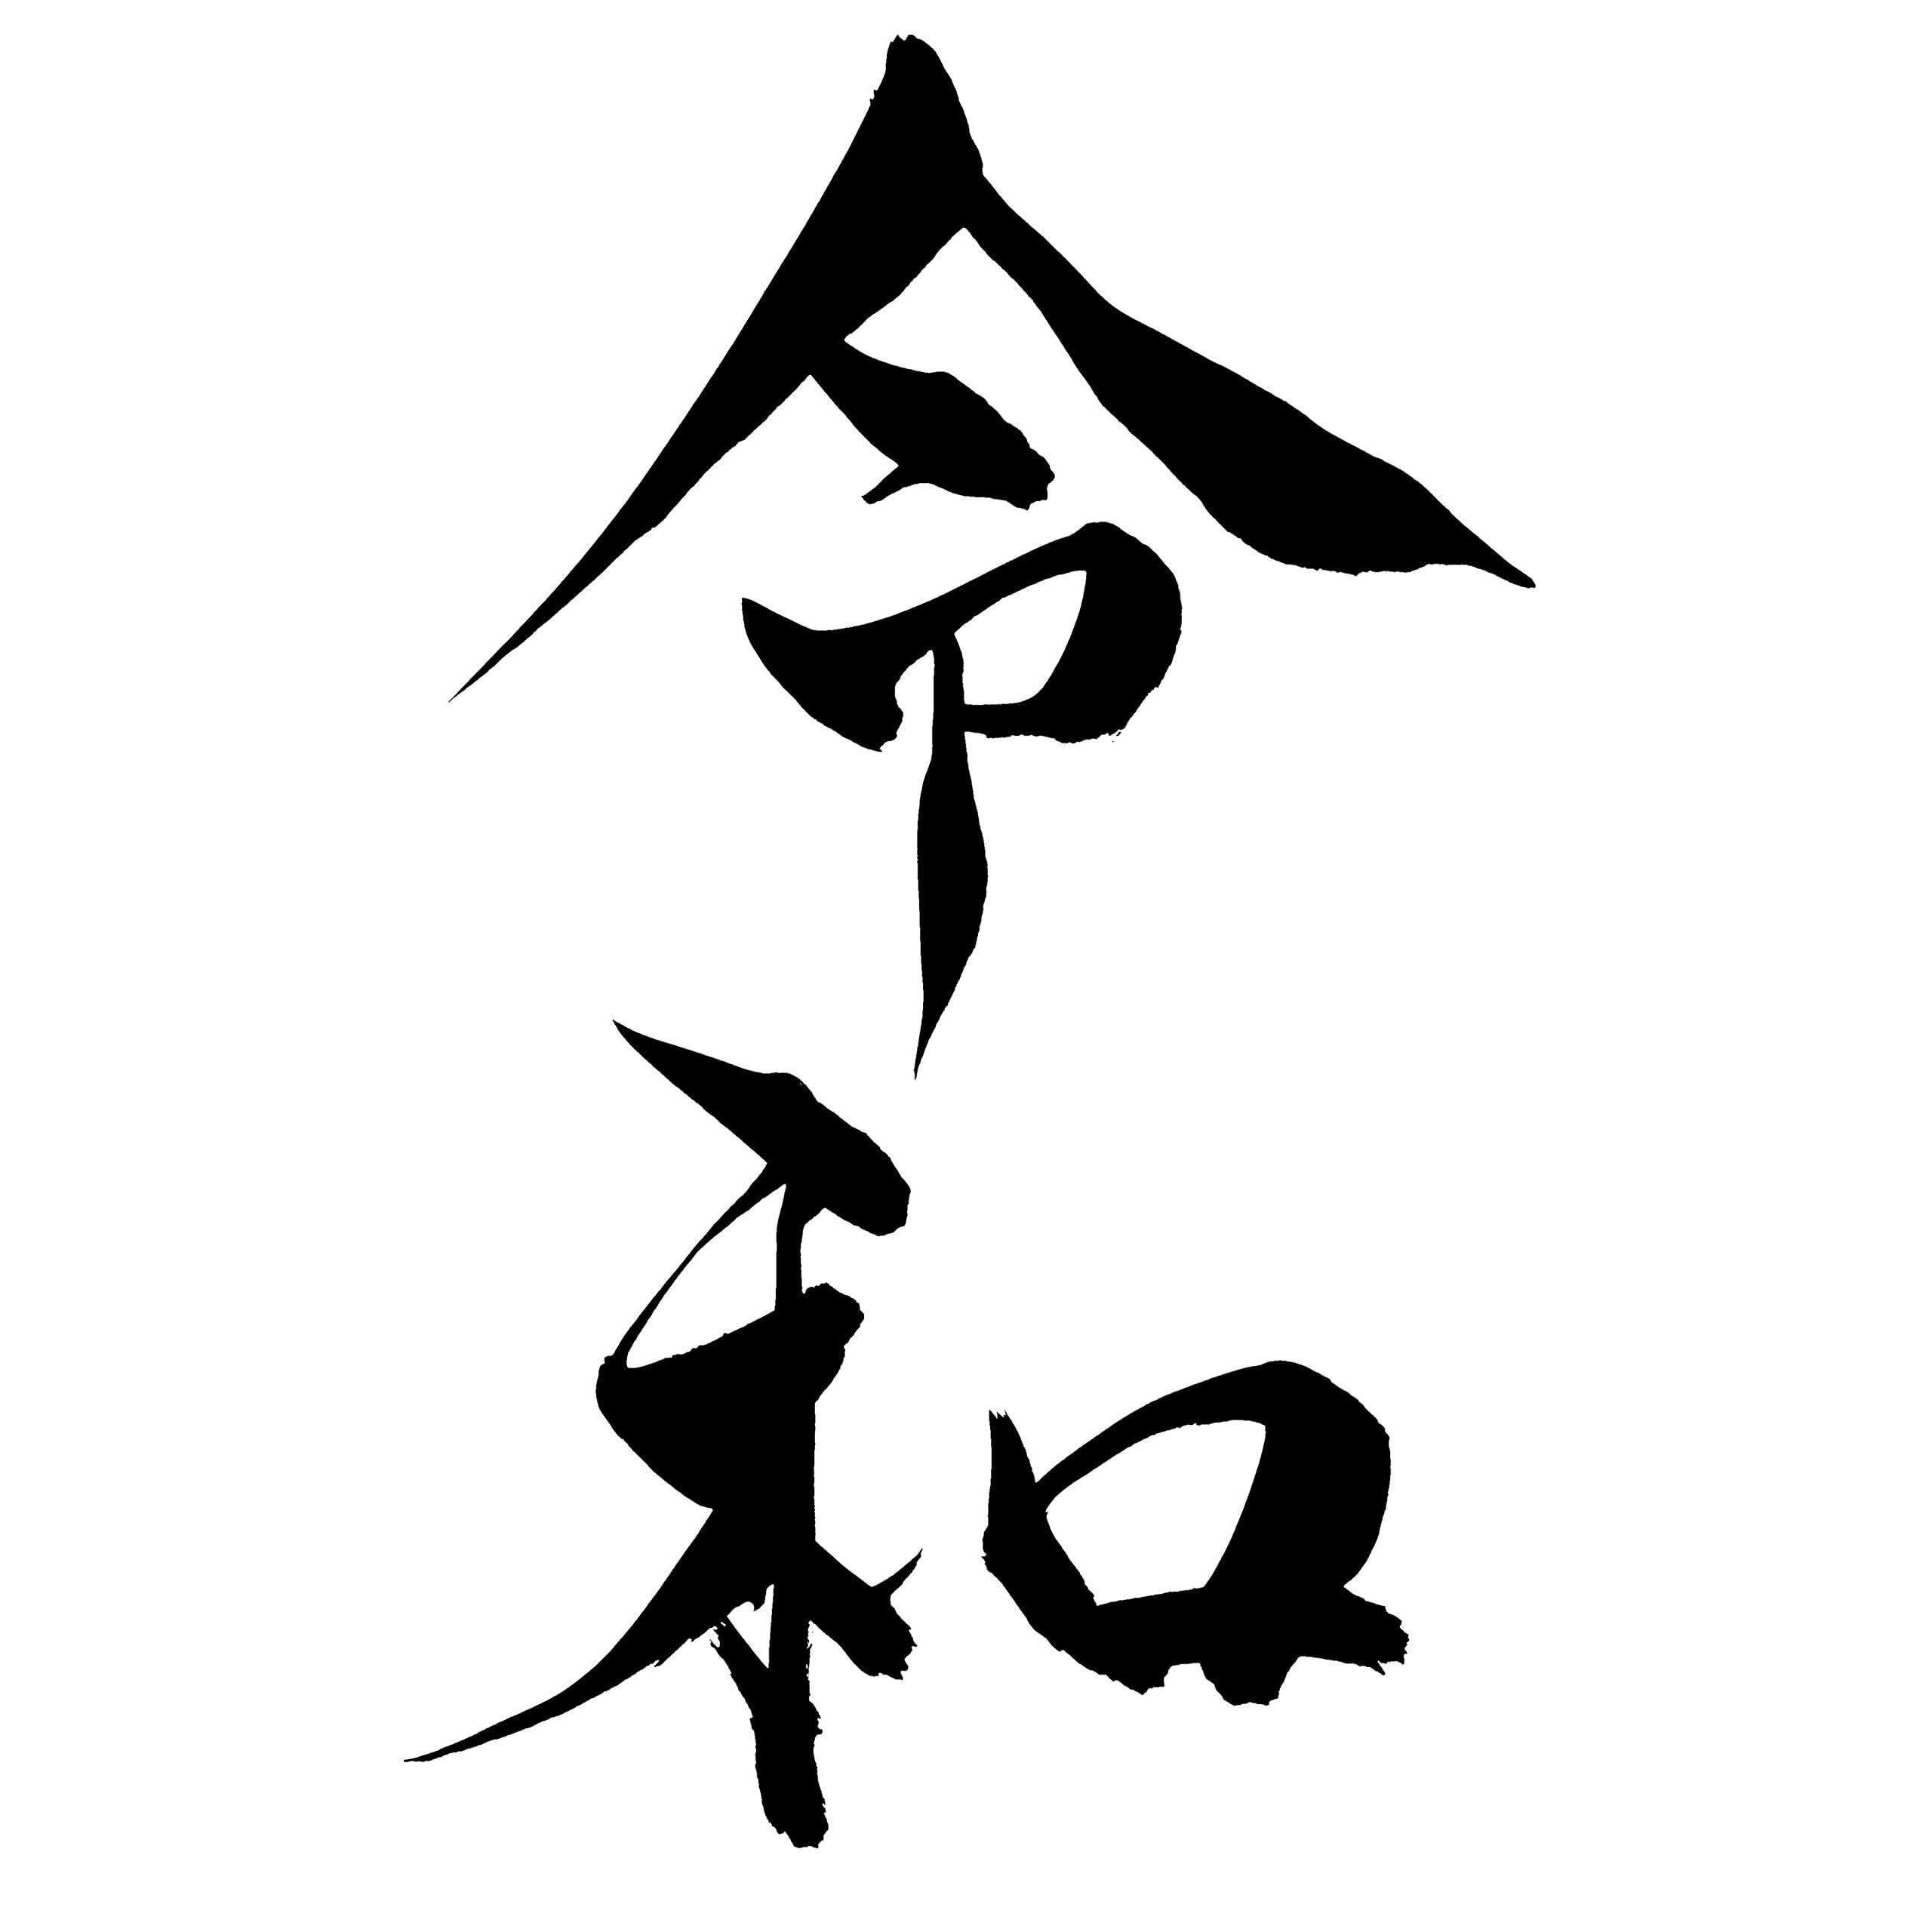 元号 Ipad壁紙 令和 毛筆フォント その他 スマホ用画像106176